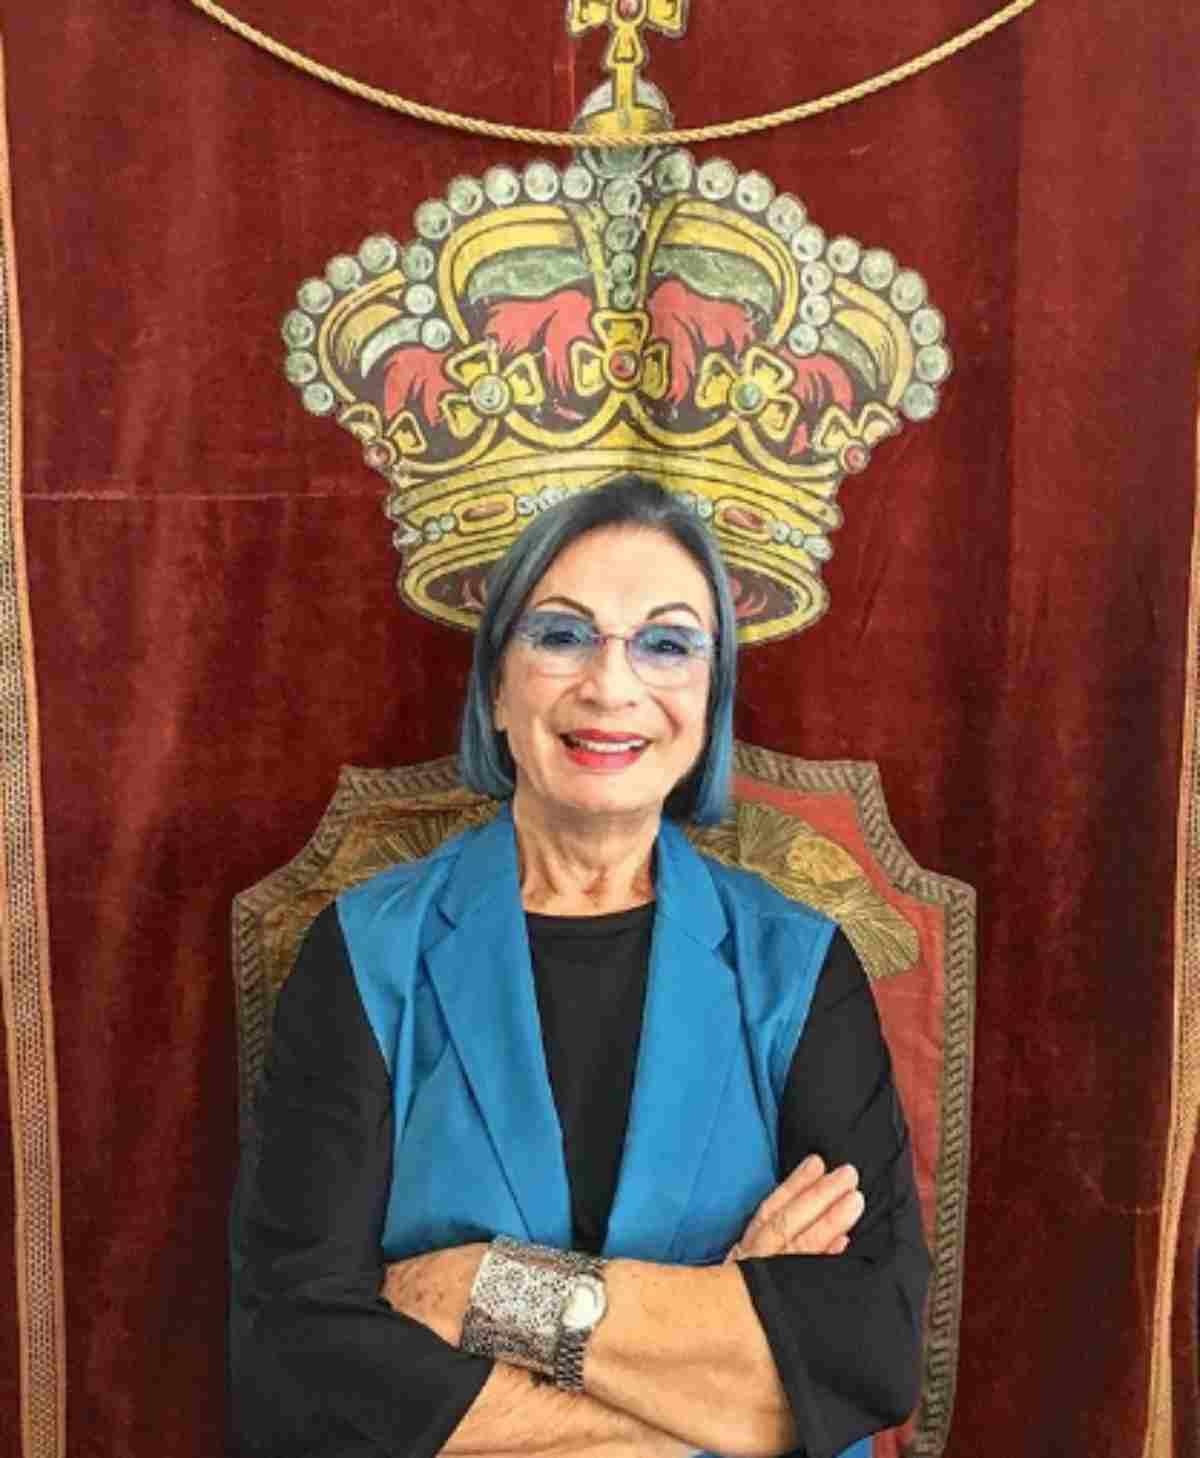 Cristina Mazzavillani